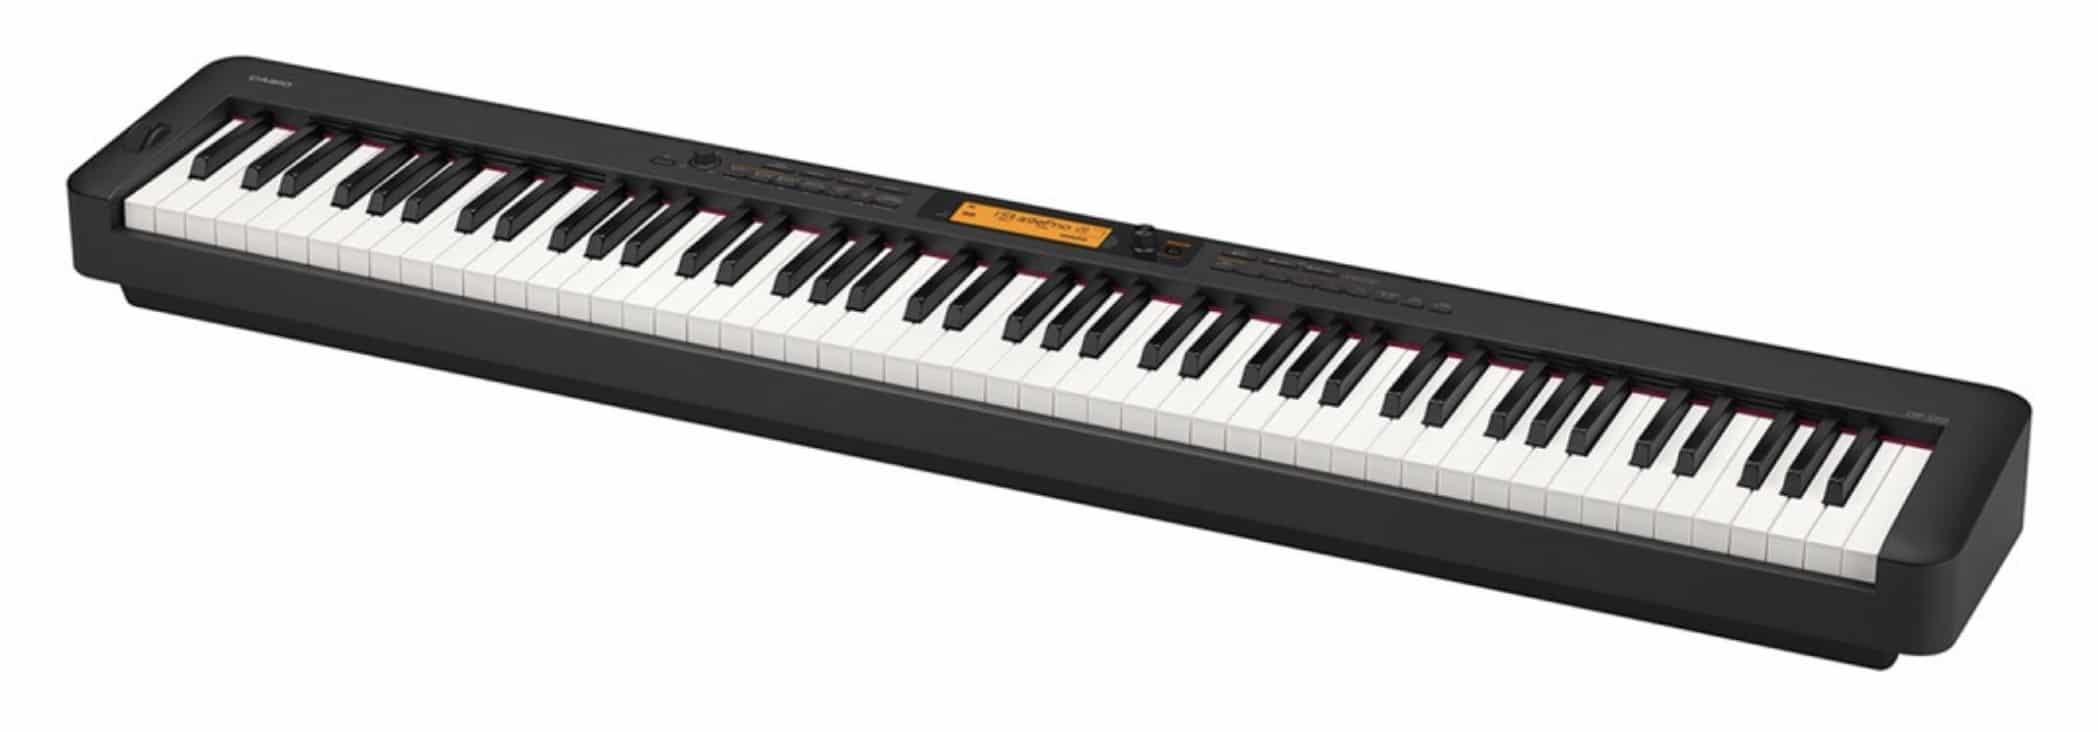 Pianos numériquesPour un piano numérique, le choix va surtout se jouer sur le prix : plus on monte en gamme, plus les échantillons seront de bonne qualité et plus le son sera réaliste. Le type de toucher est l'autre critère déterminant. L'idéal est un toucher lourd qui se rapproche de la réponse d'un piano acoustique. Le nombre de touches peut jouer si vous avez une place disponible très réduite (le maximum est de 88 touches, puis on descend à 76 et 64). Certains offrent aussi plus de sons différents (orgue, piano électrique) et des possibilités d'enregistrement basiques.